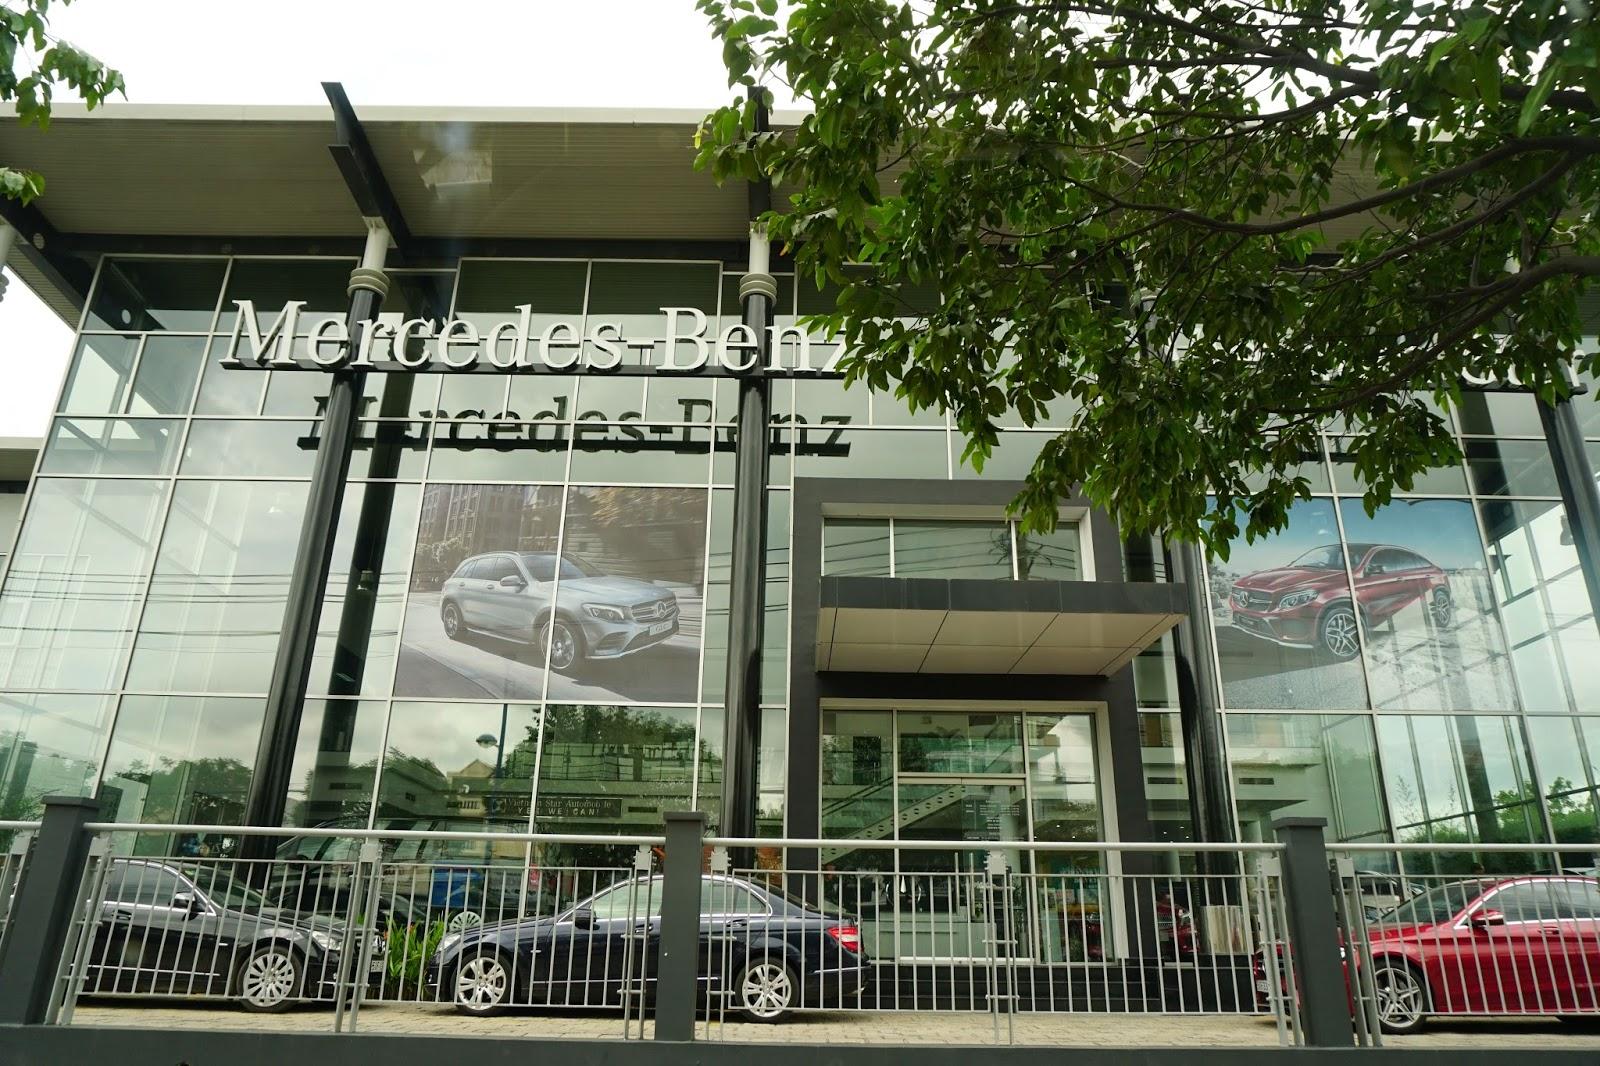 Vietnam Star Trường Chinh là đại lý Mercedes Benz có quy mô, diện tích rất lớn